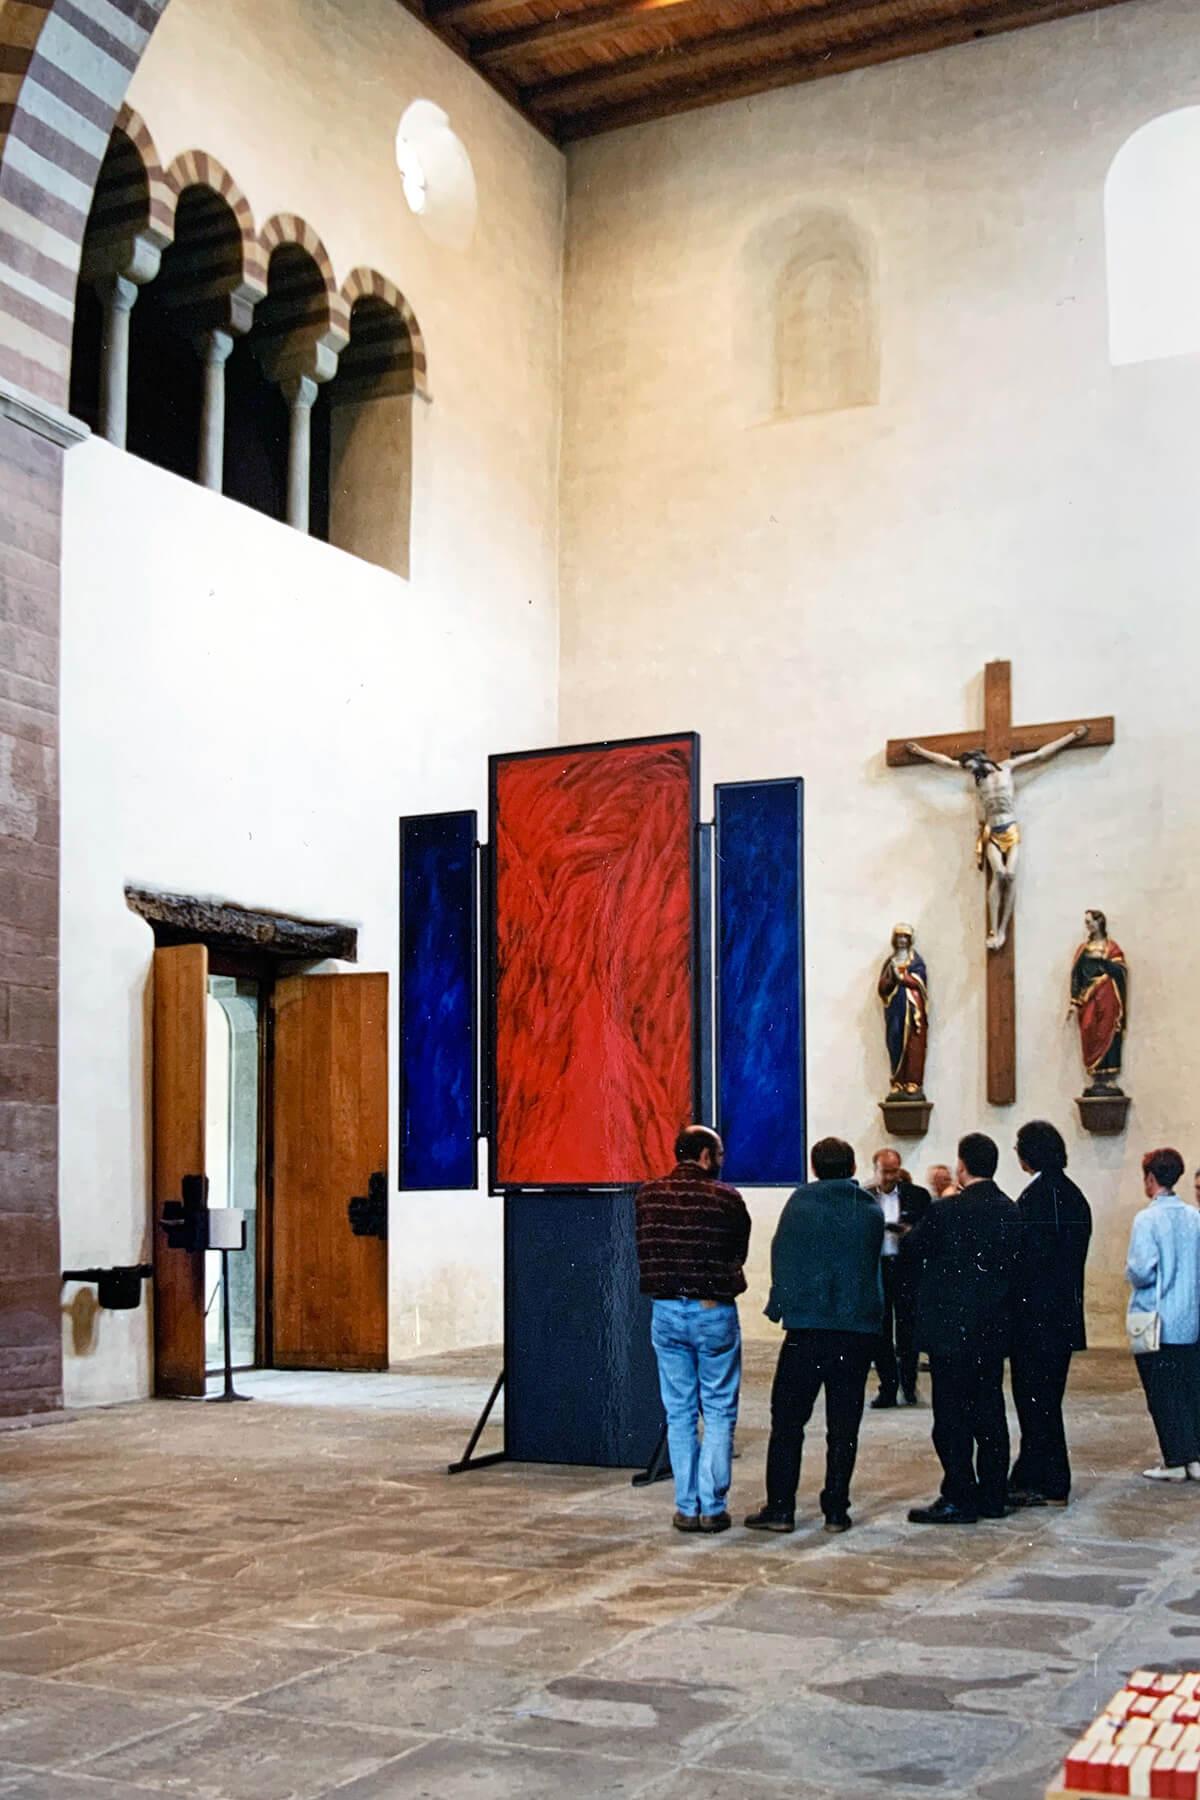 Barbara Jäger Malerei Skulptur Karlsruhe Flügelaltar Münster Reichenau